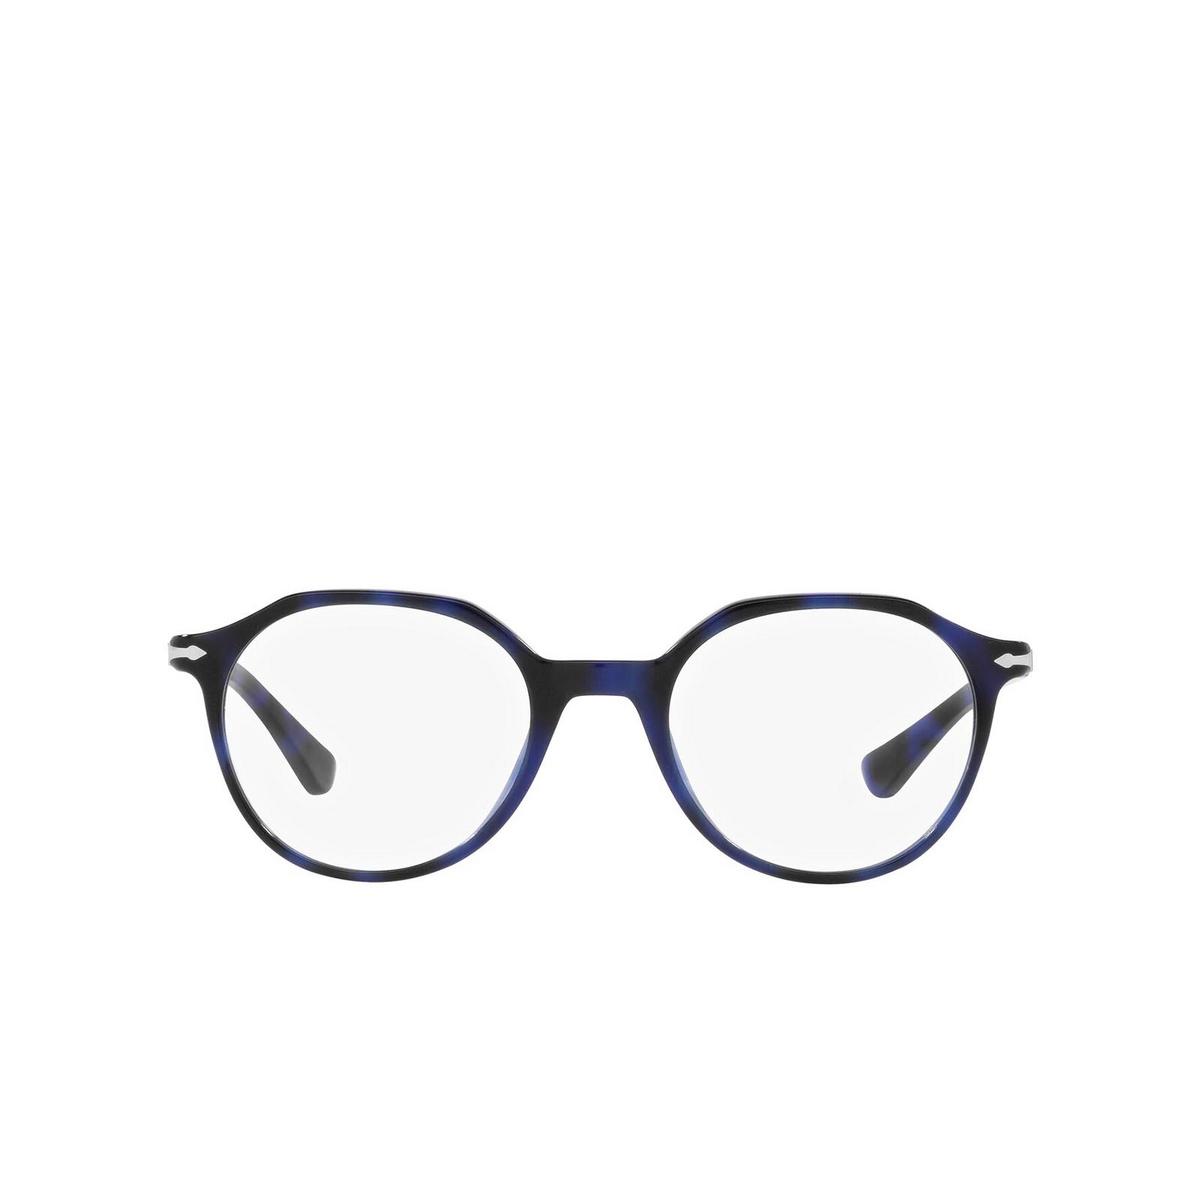 Persol® Irregular Eyeglasses: PO3253V color Blue 1099 - front view.